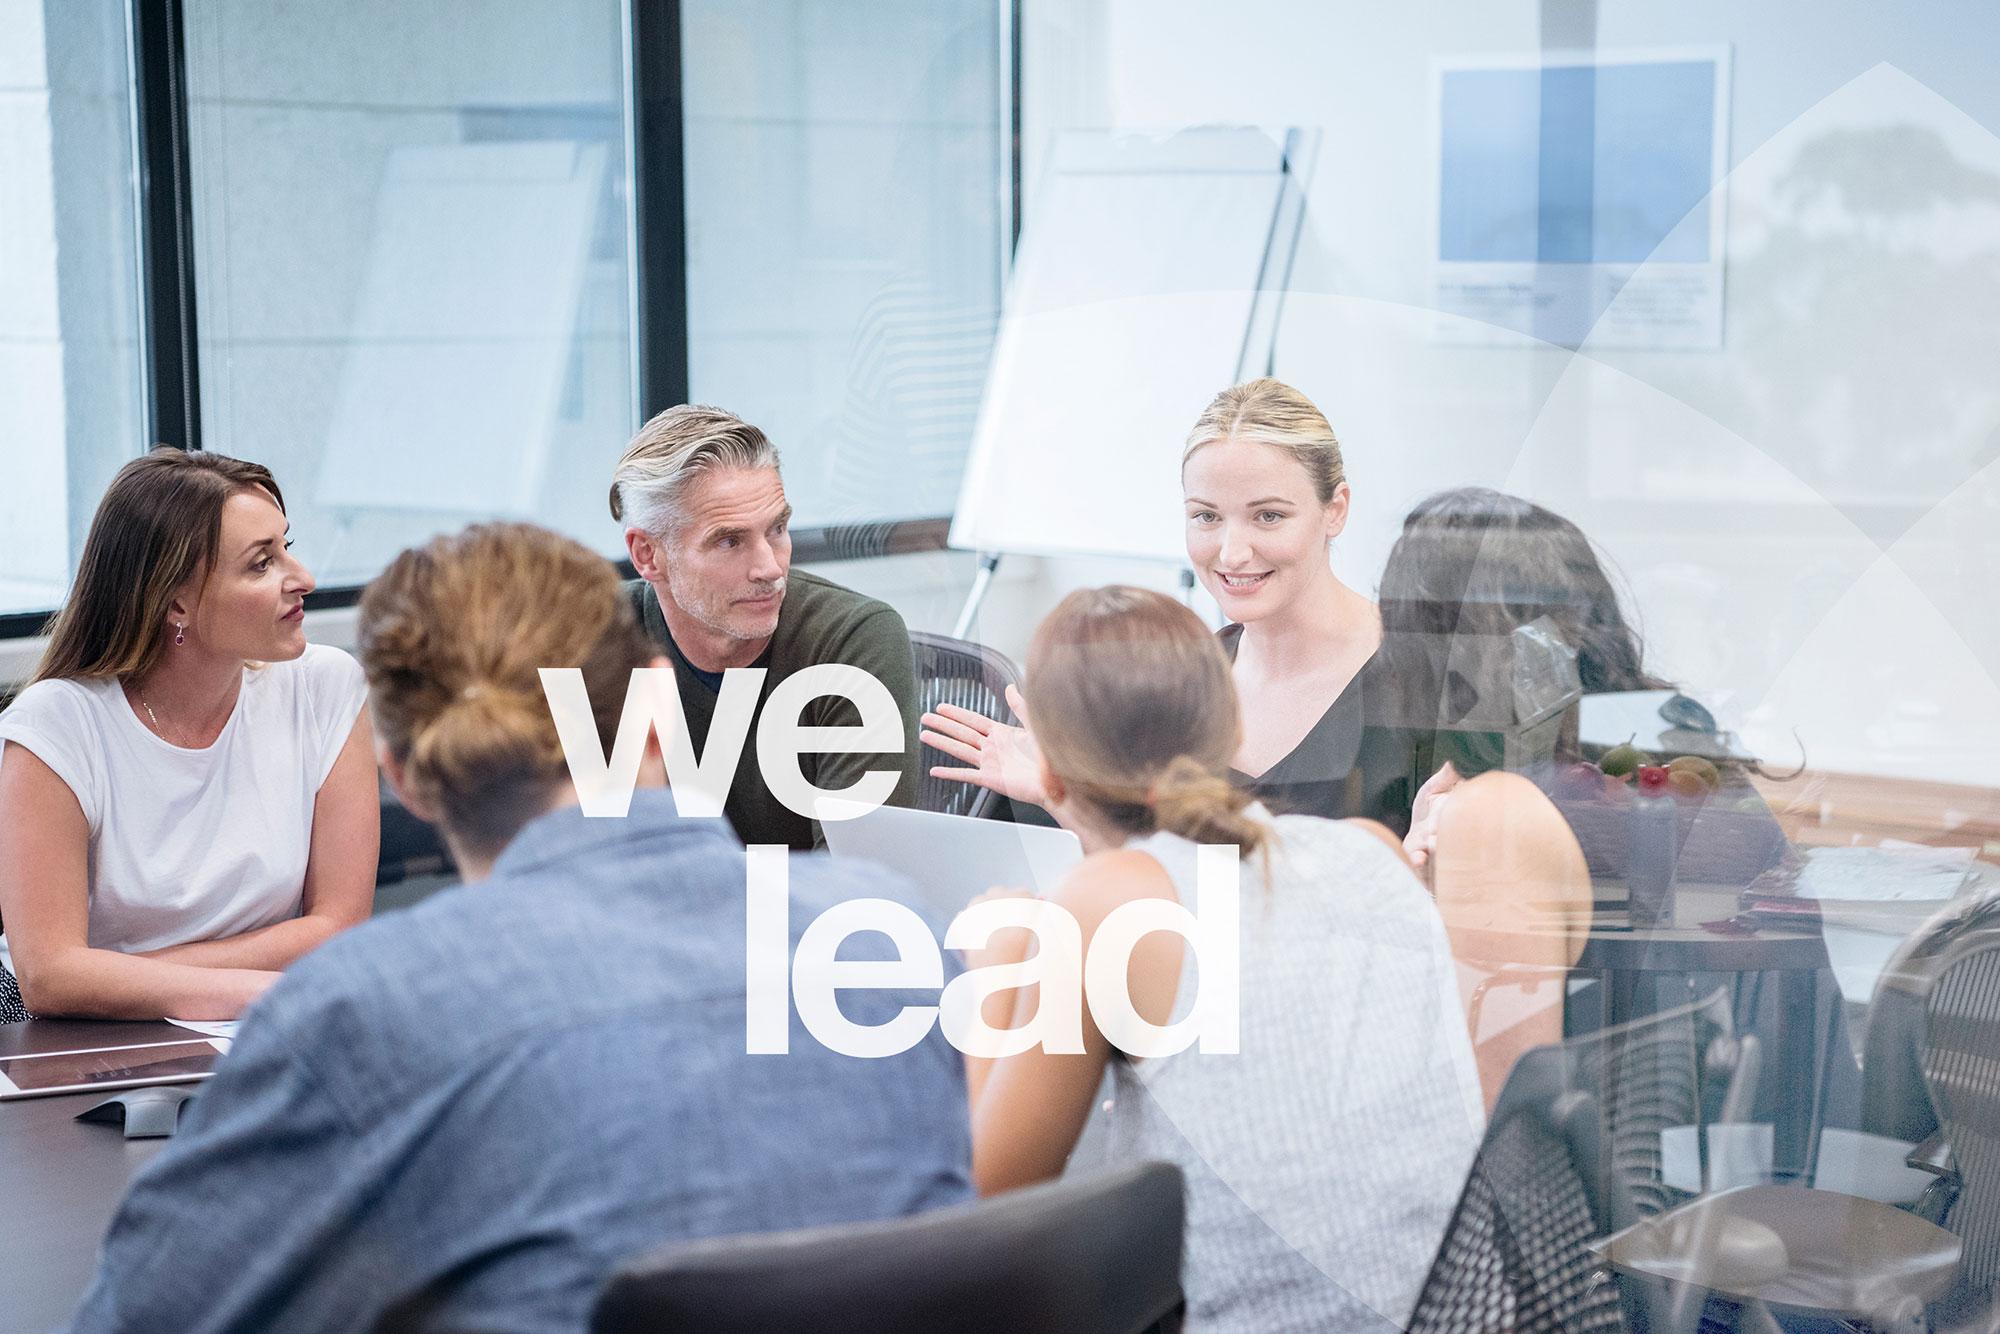 A_we-lead_people.jpg